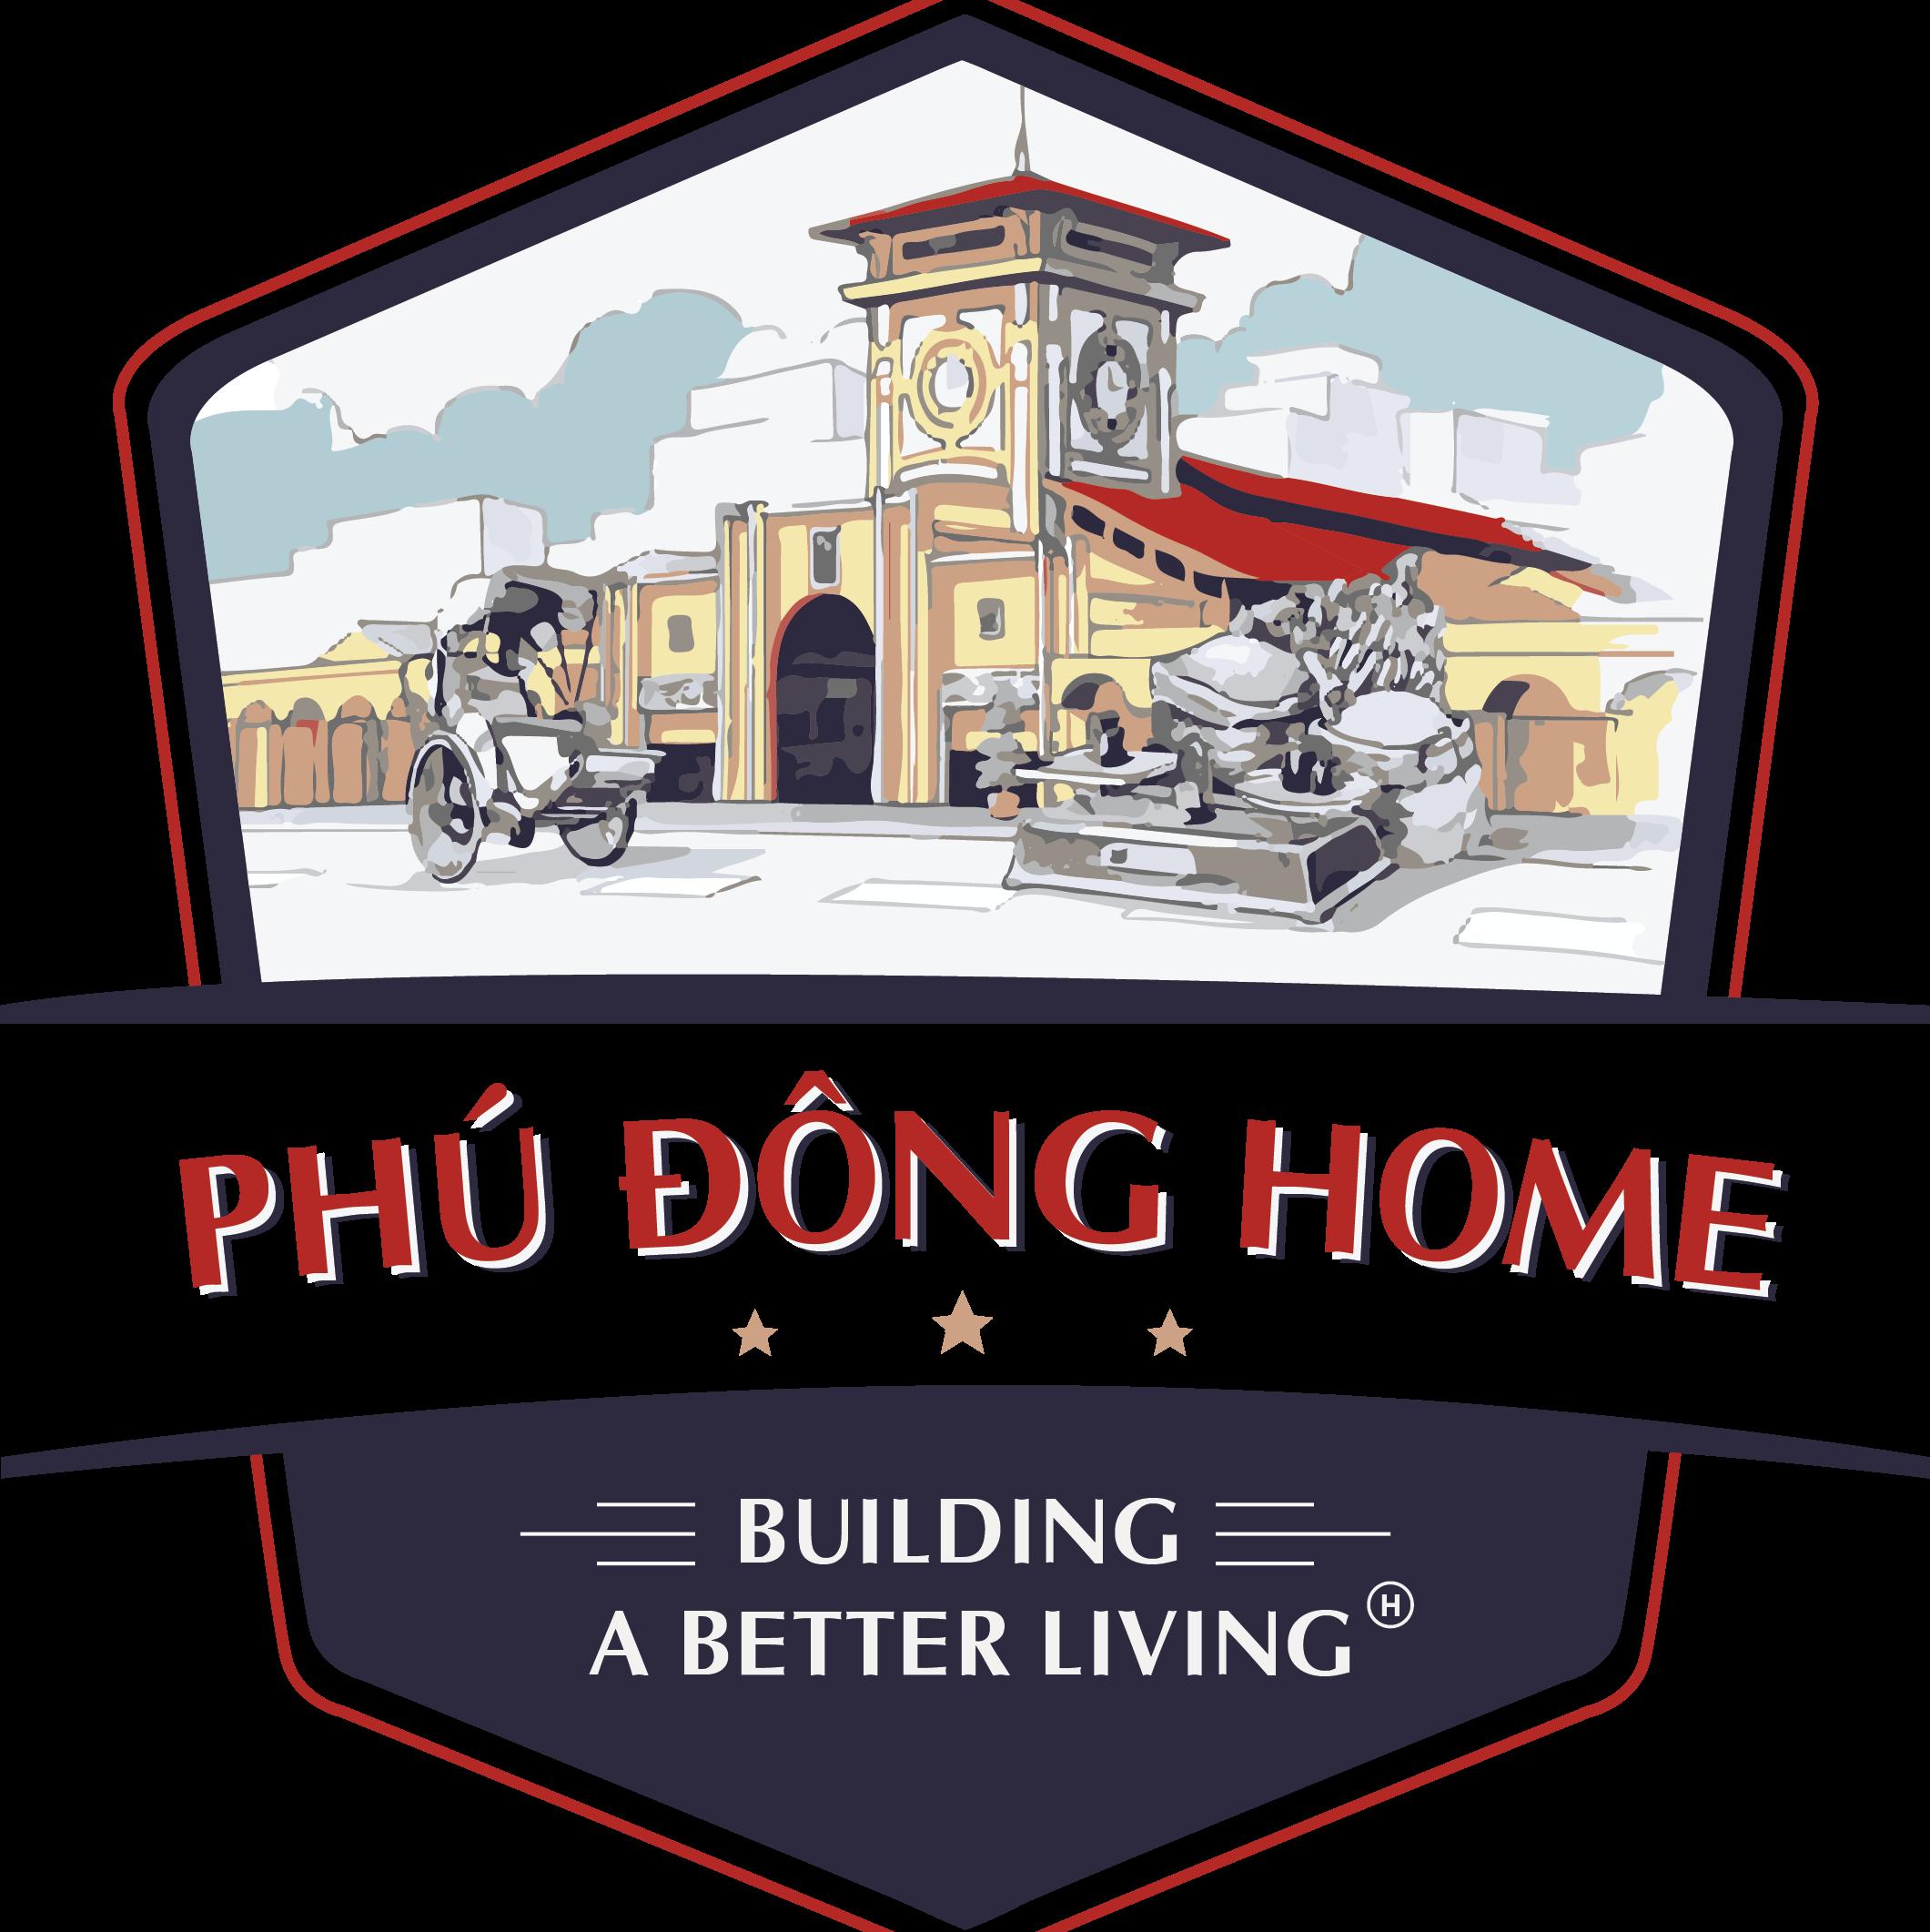 Đánh giá dự án cùng Phú Đông Home